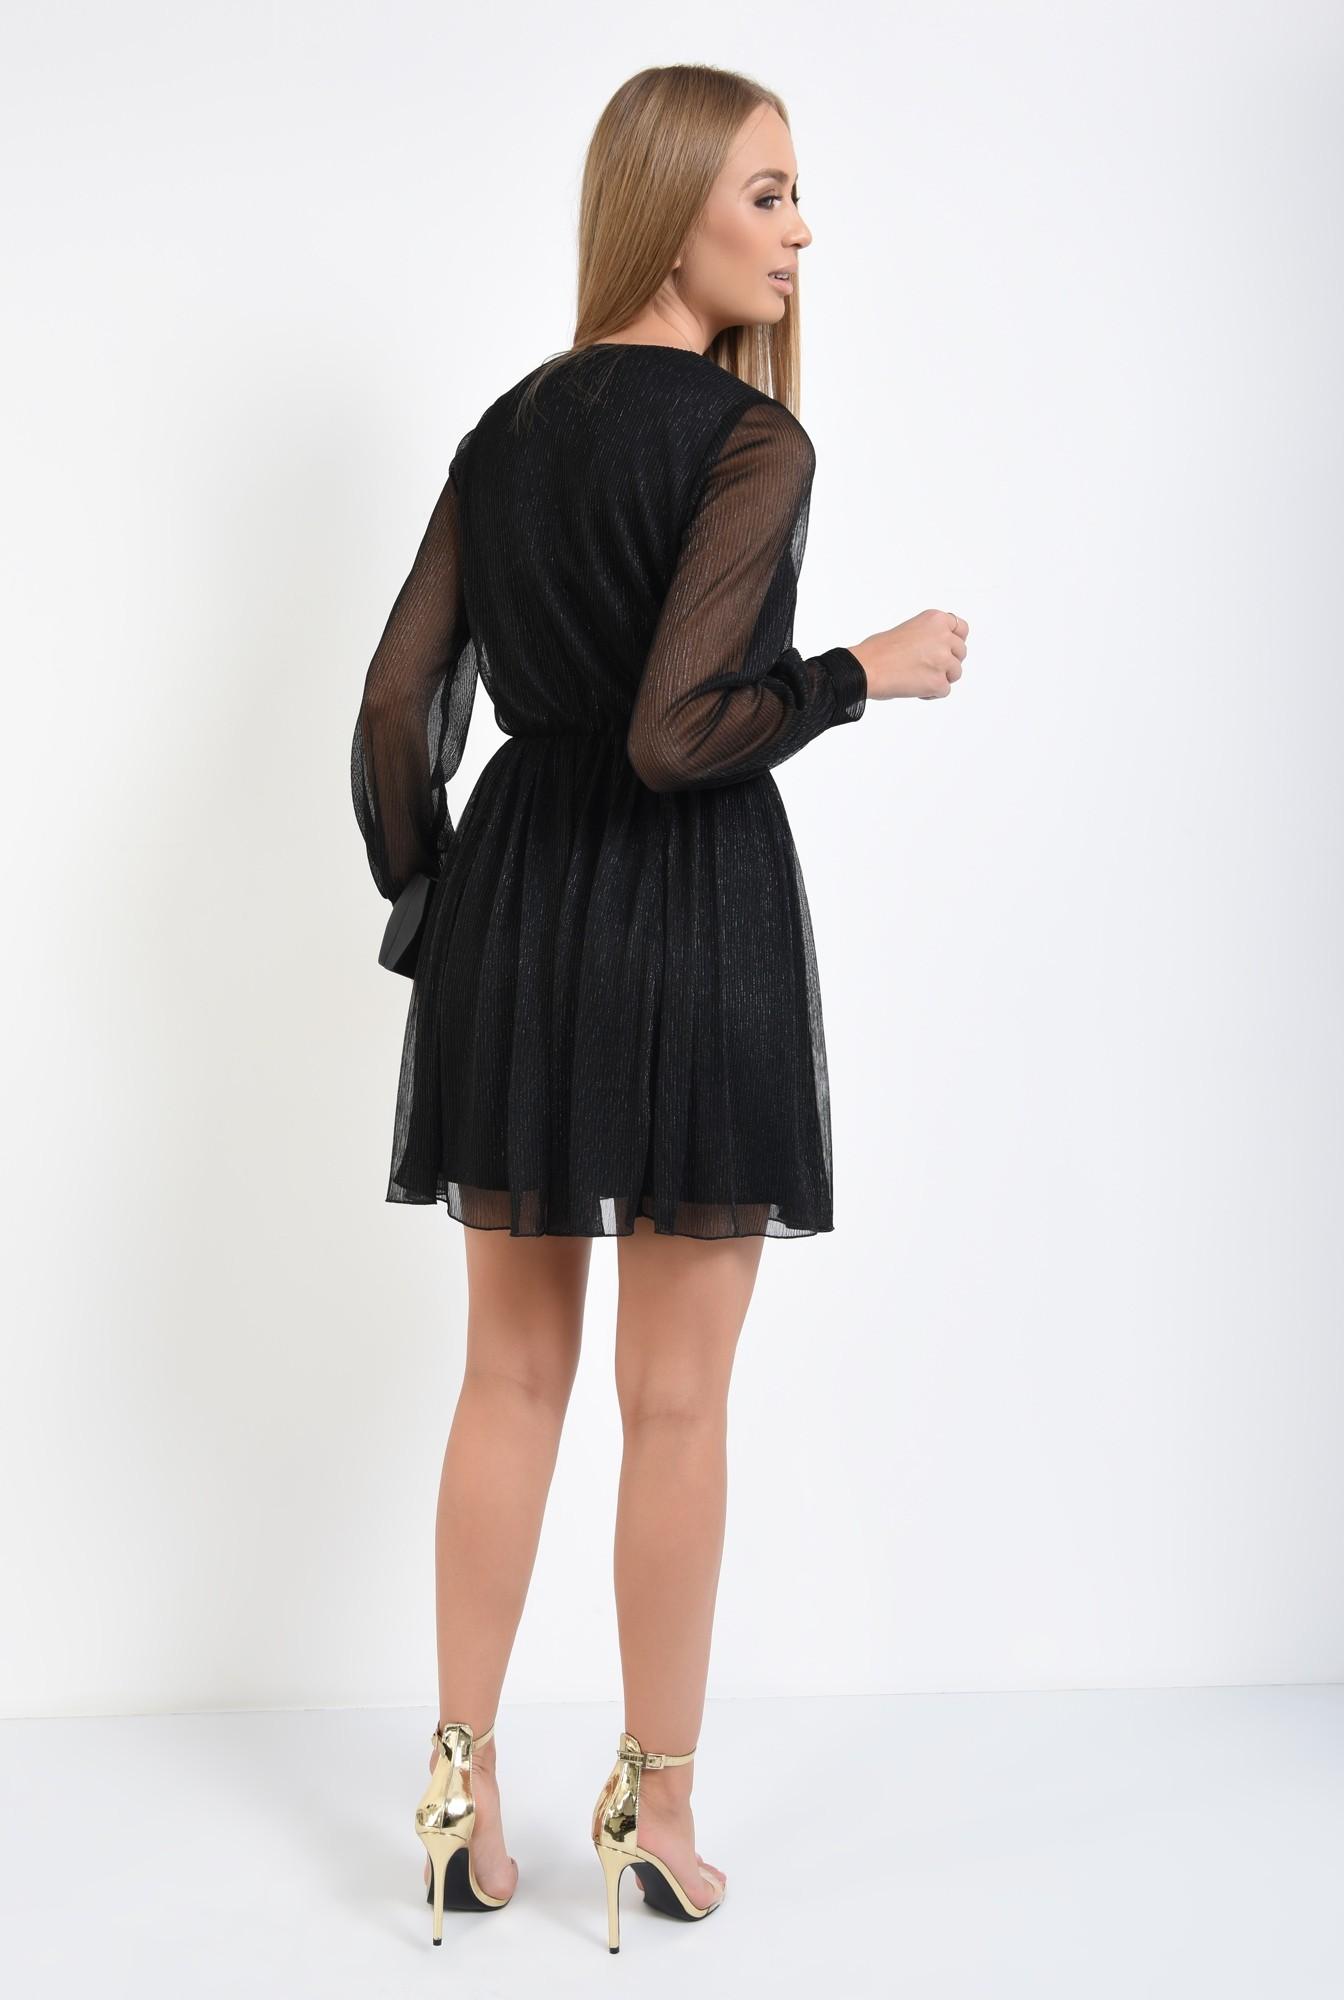 1 - 360 - rochie eleganta, mini, anchior petrecut, negru